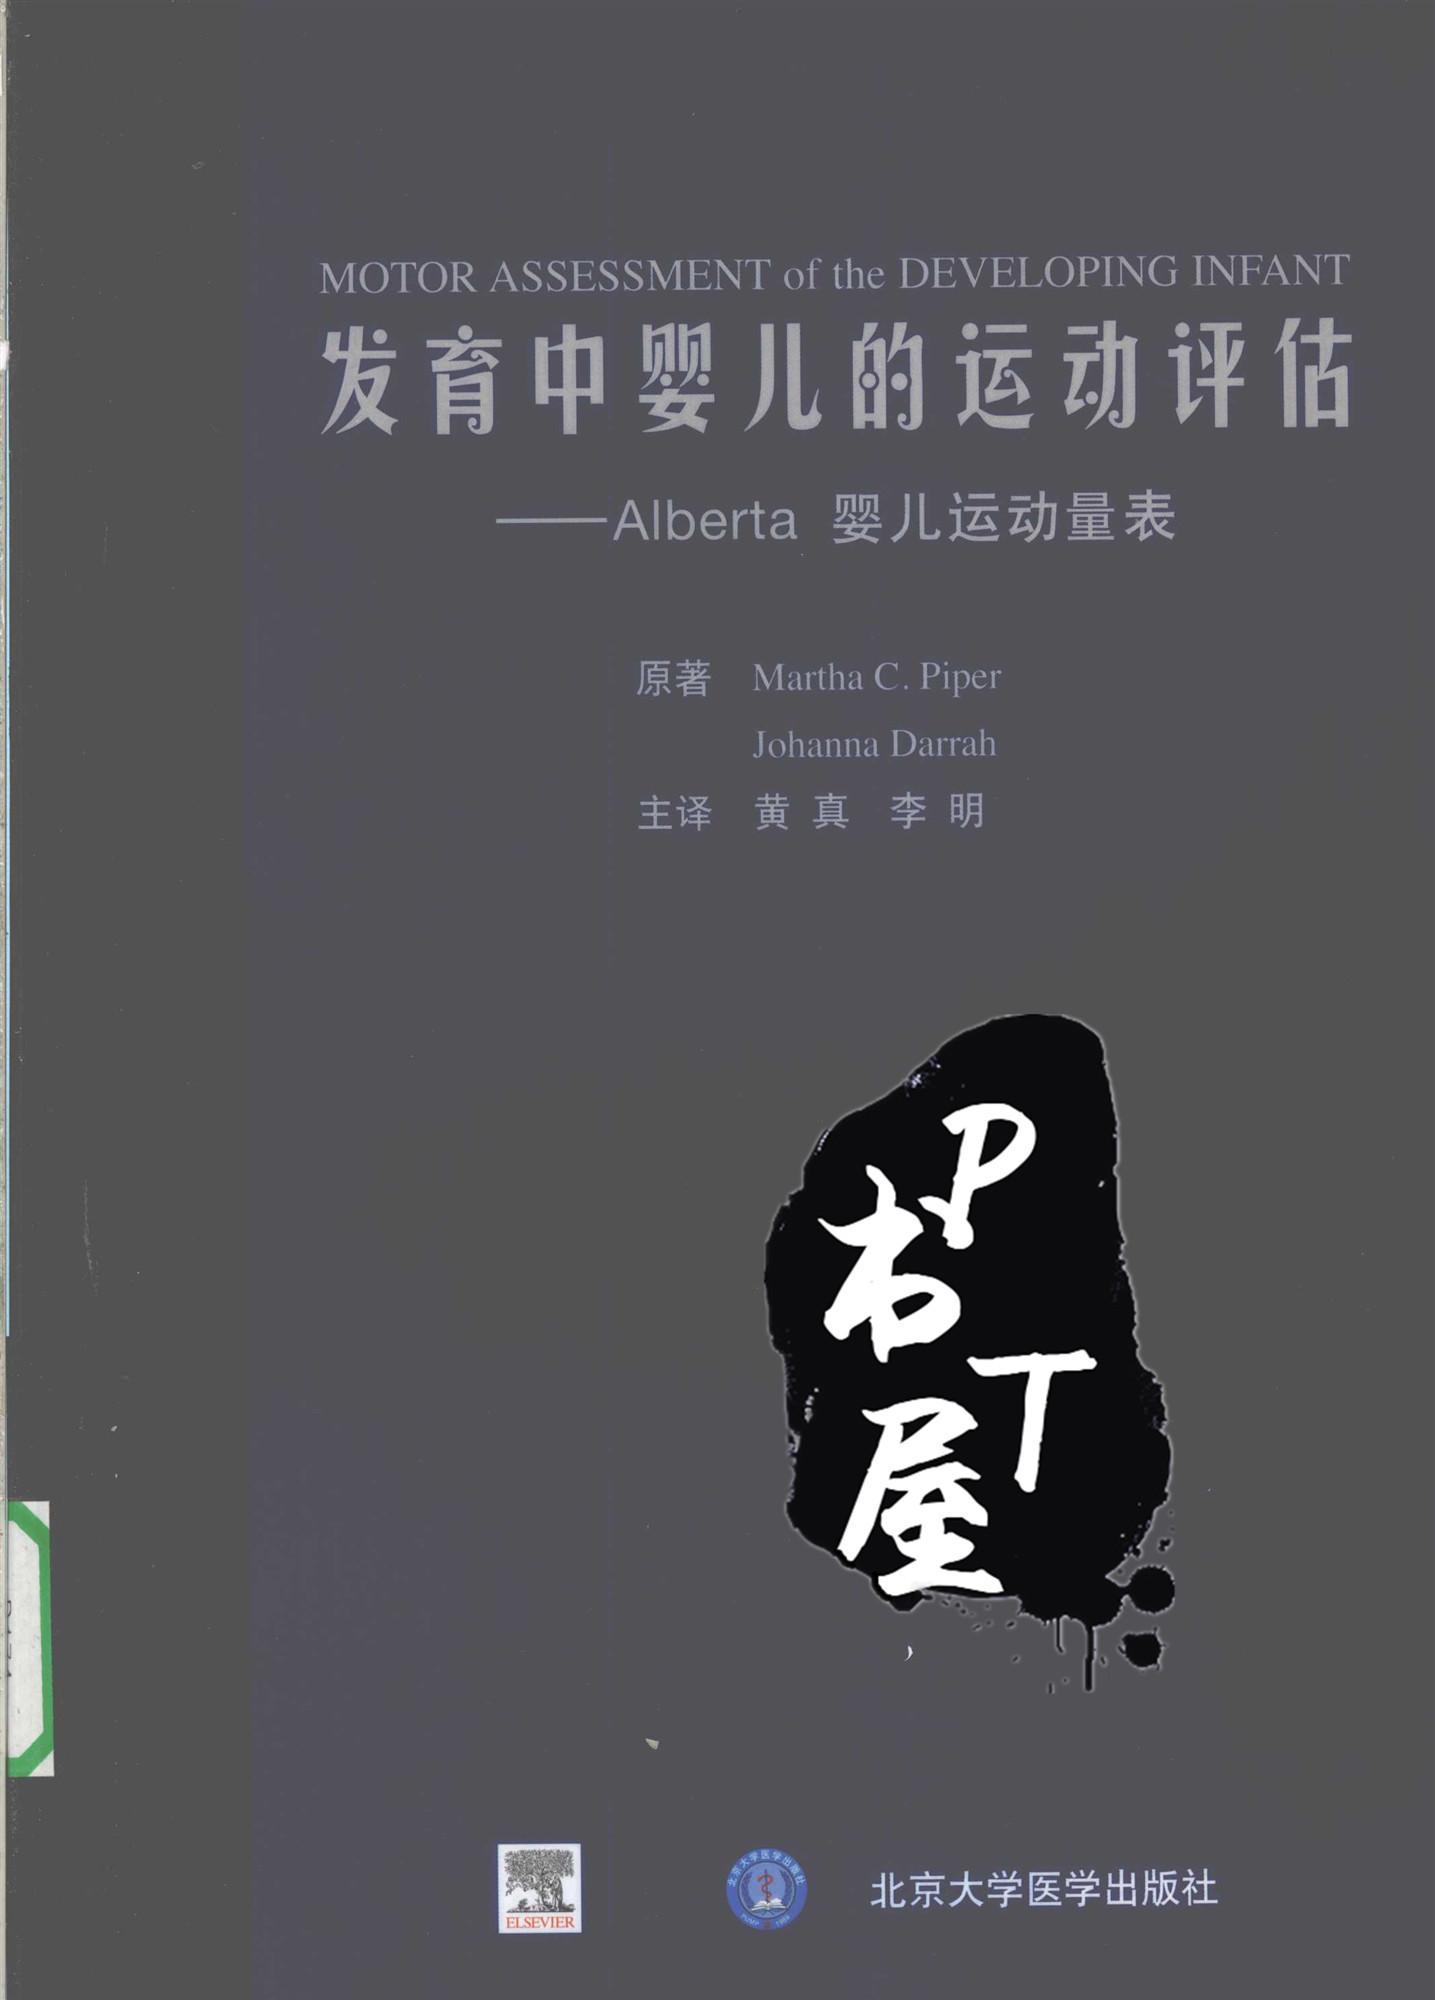 发育中婴儿的运动评估:ALBERTA婴儿运动量表 Book Cover